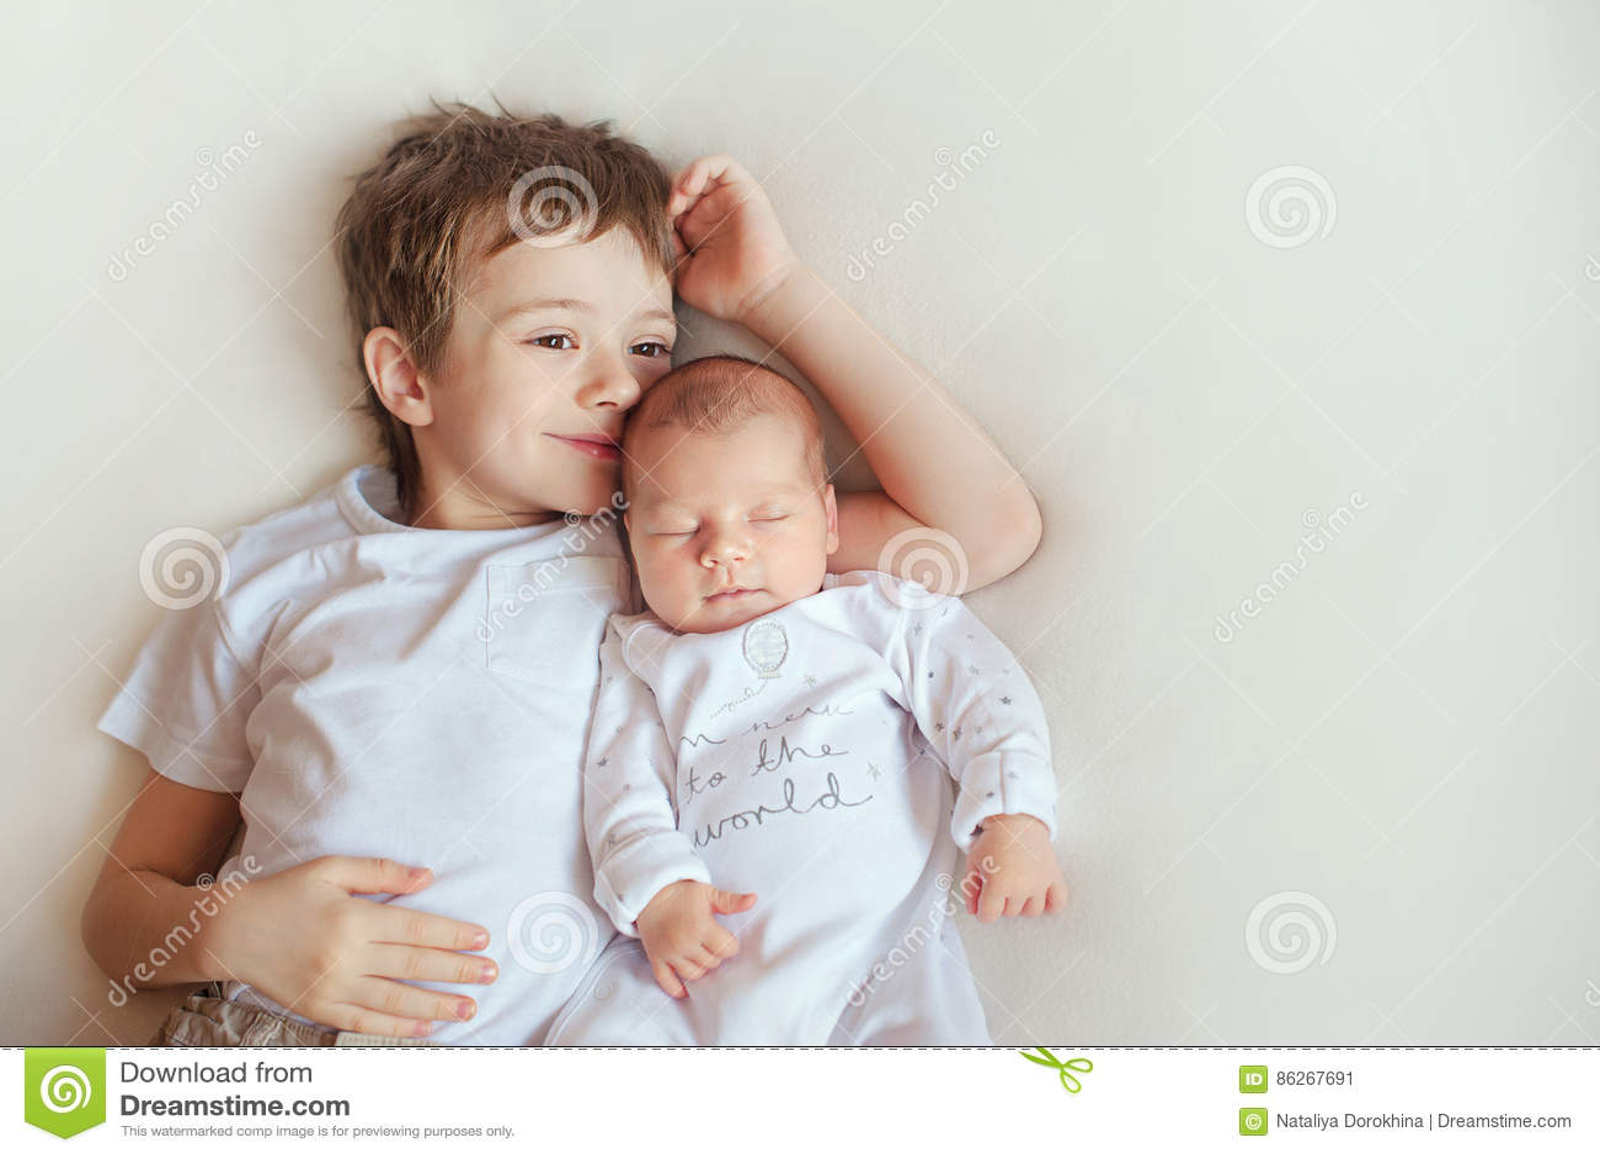 Παλαιότερος αδελφός που αγκαλιάζει τη νεογέννητη αδελφή του Παιδιά στα φωτεινά ενδύματα σε ένα άσπρο κάλυμμα